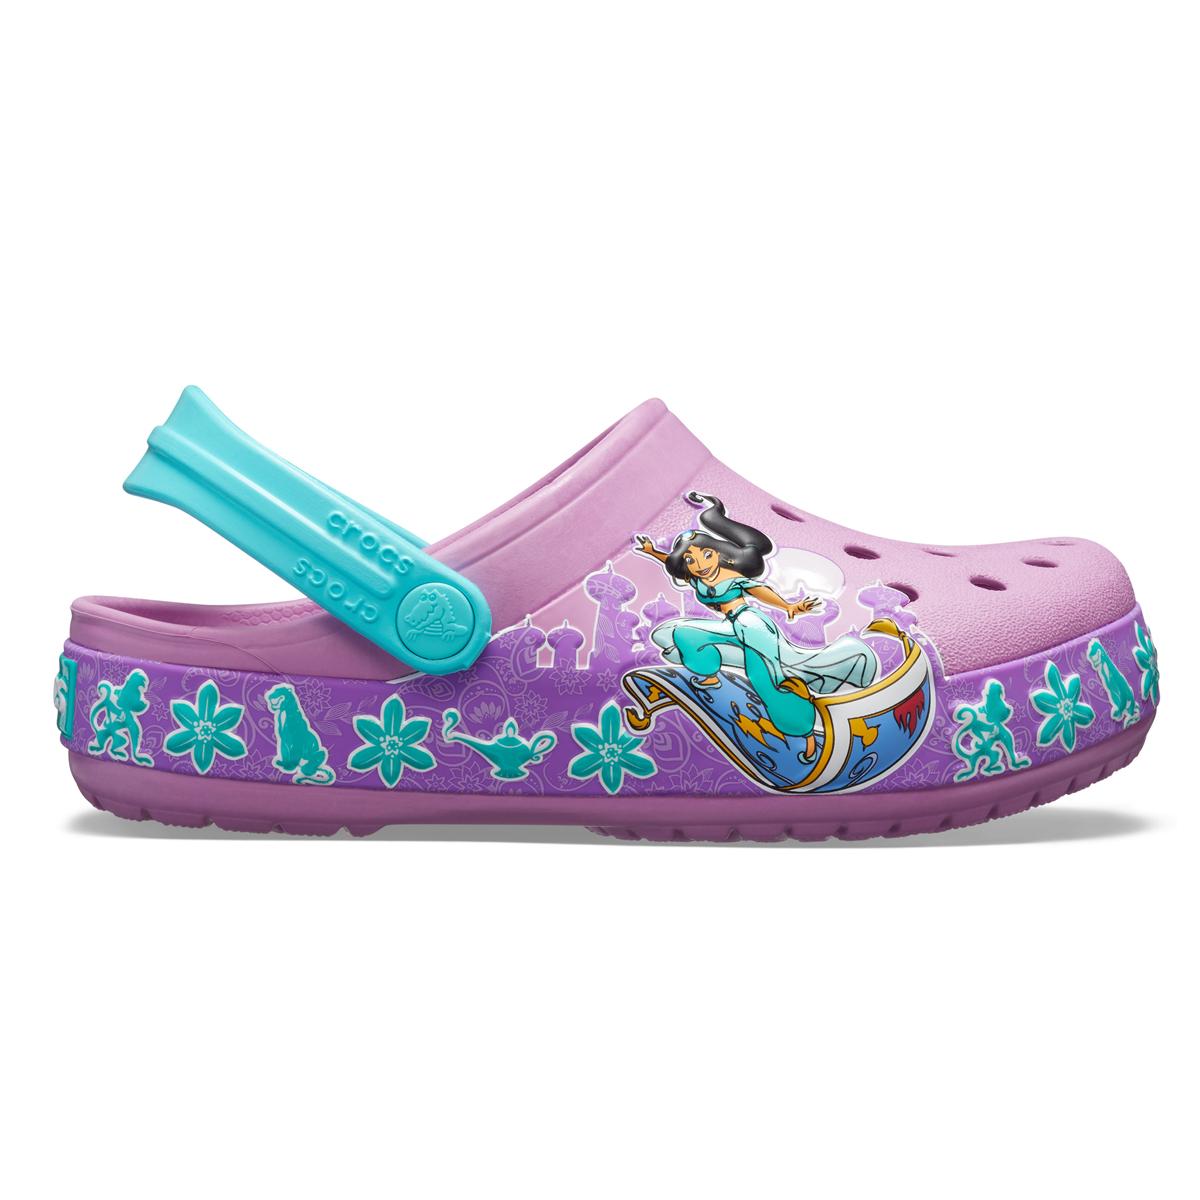 CrocsFL Jasmine Band Clog K - Menekşe